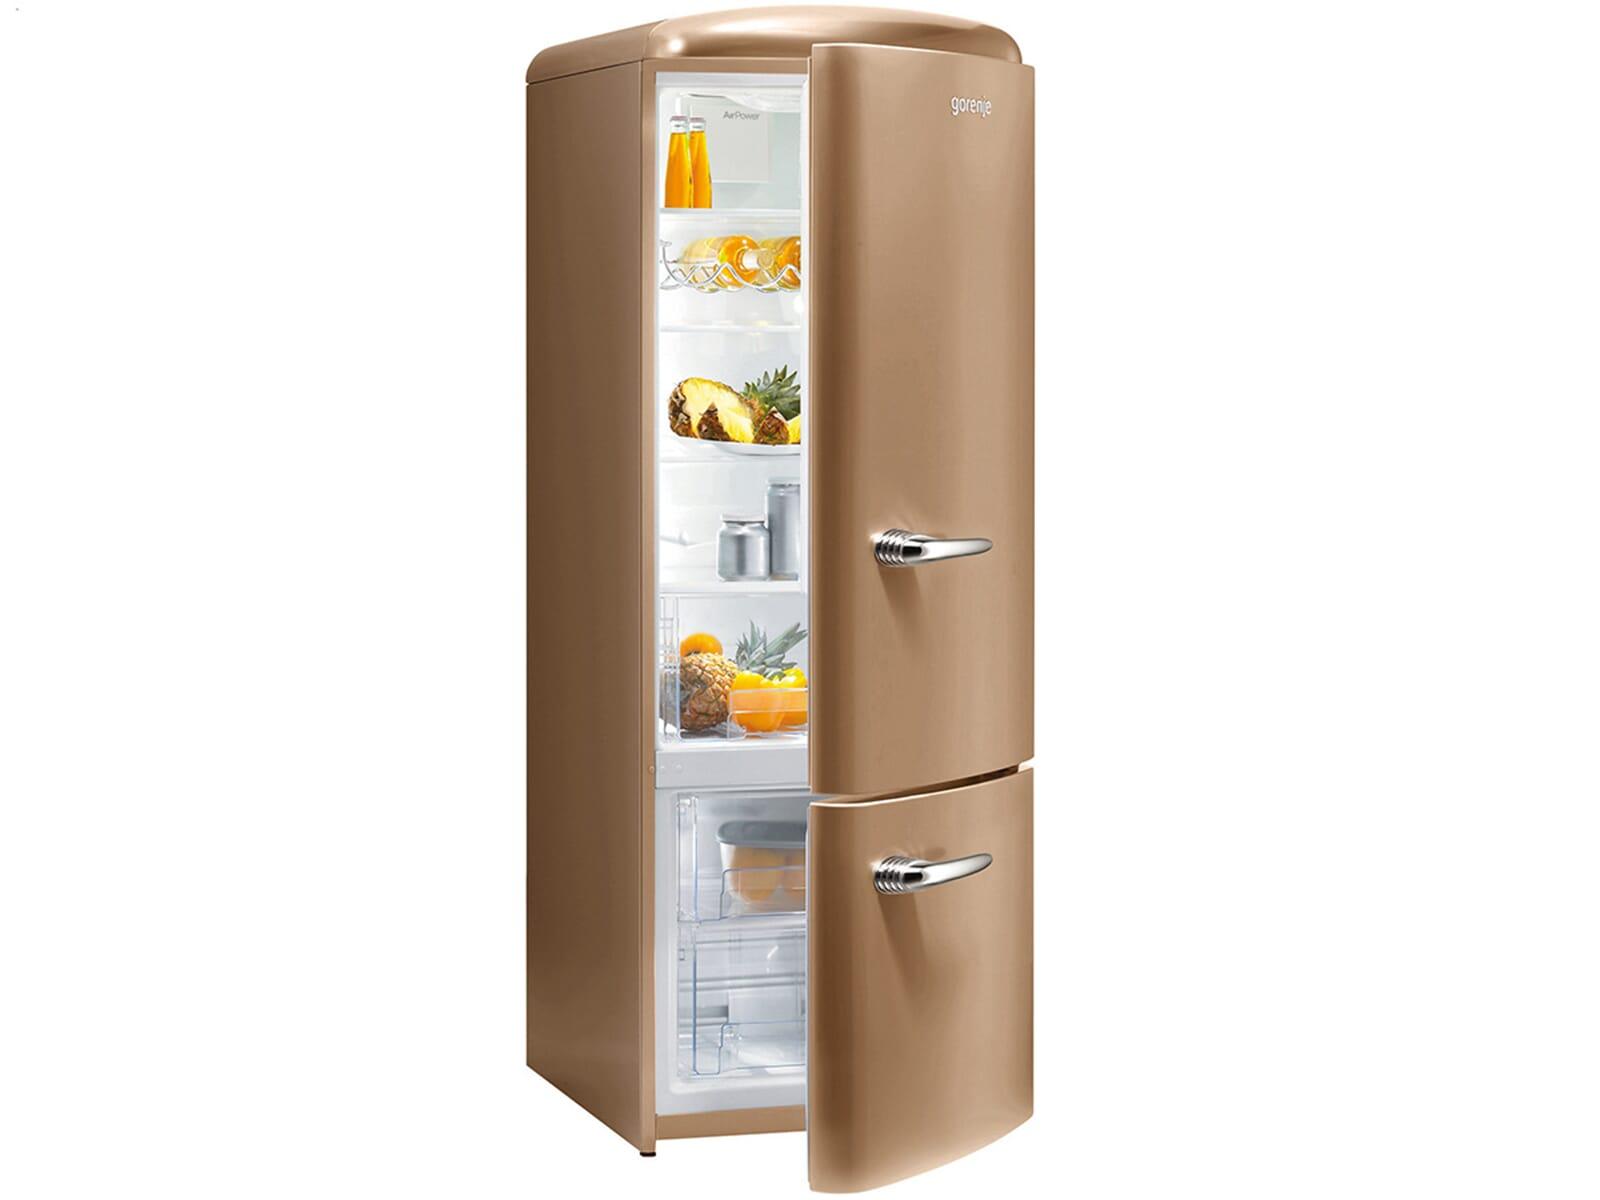 Kühlschrank Nostalgie : Nostalgische kühlschränke nostalgie kühlschrank best of